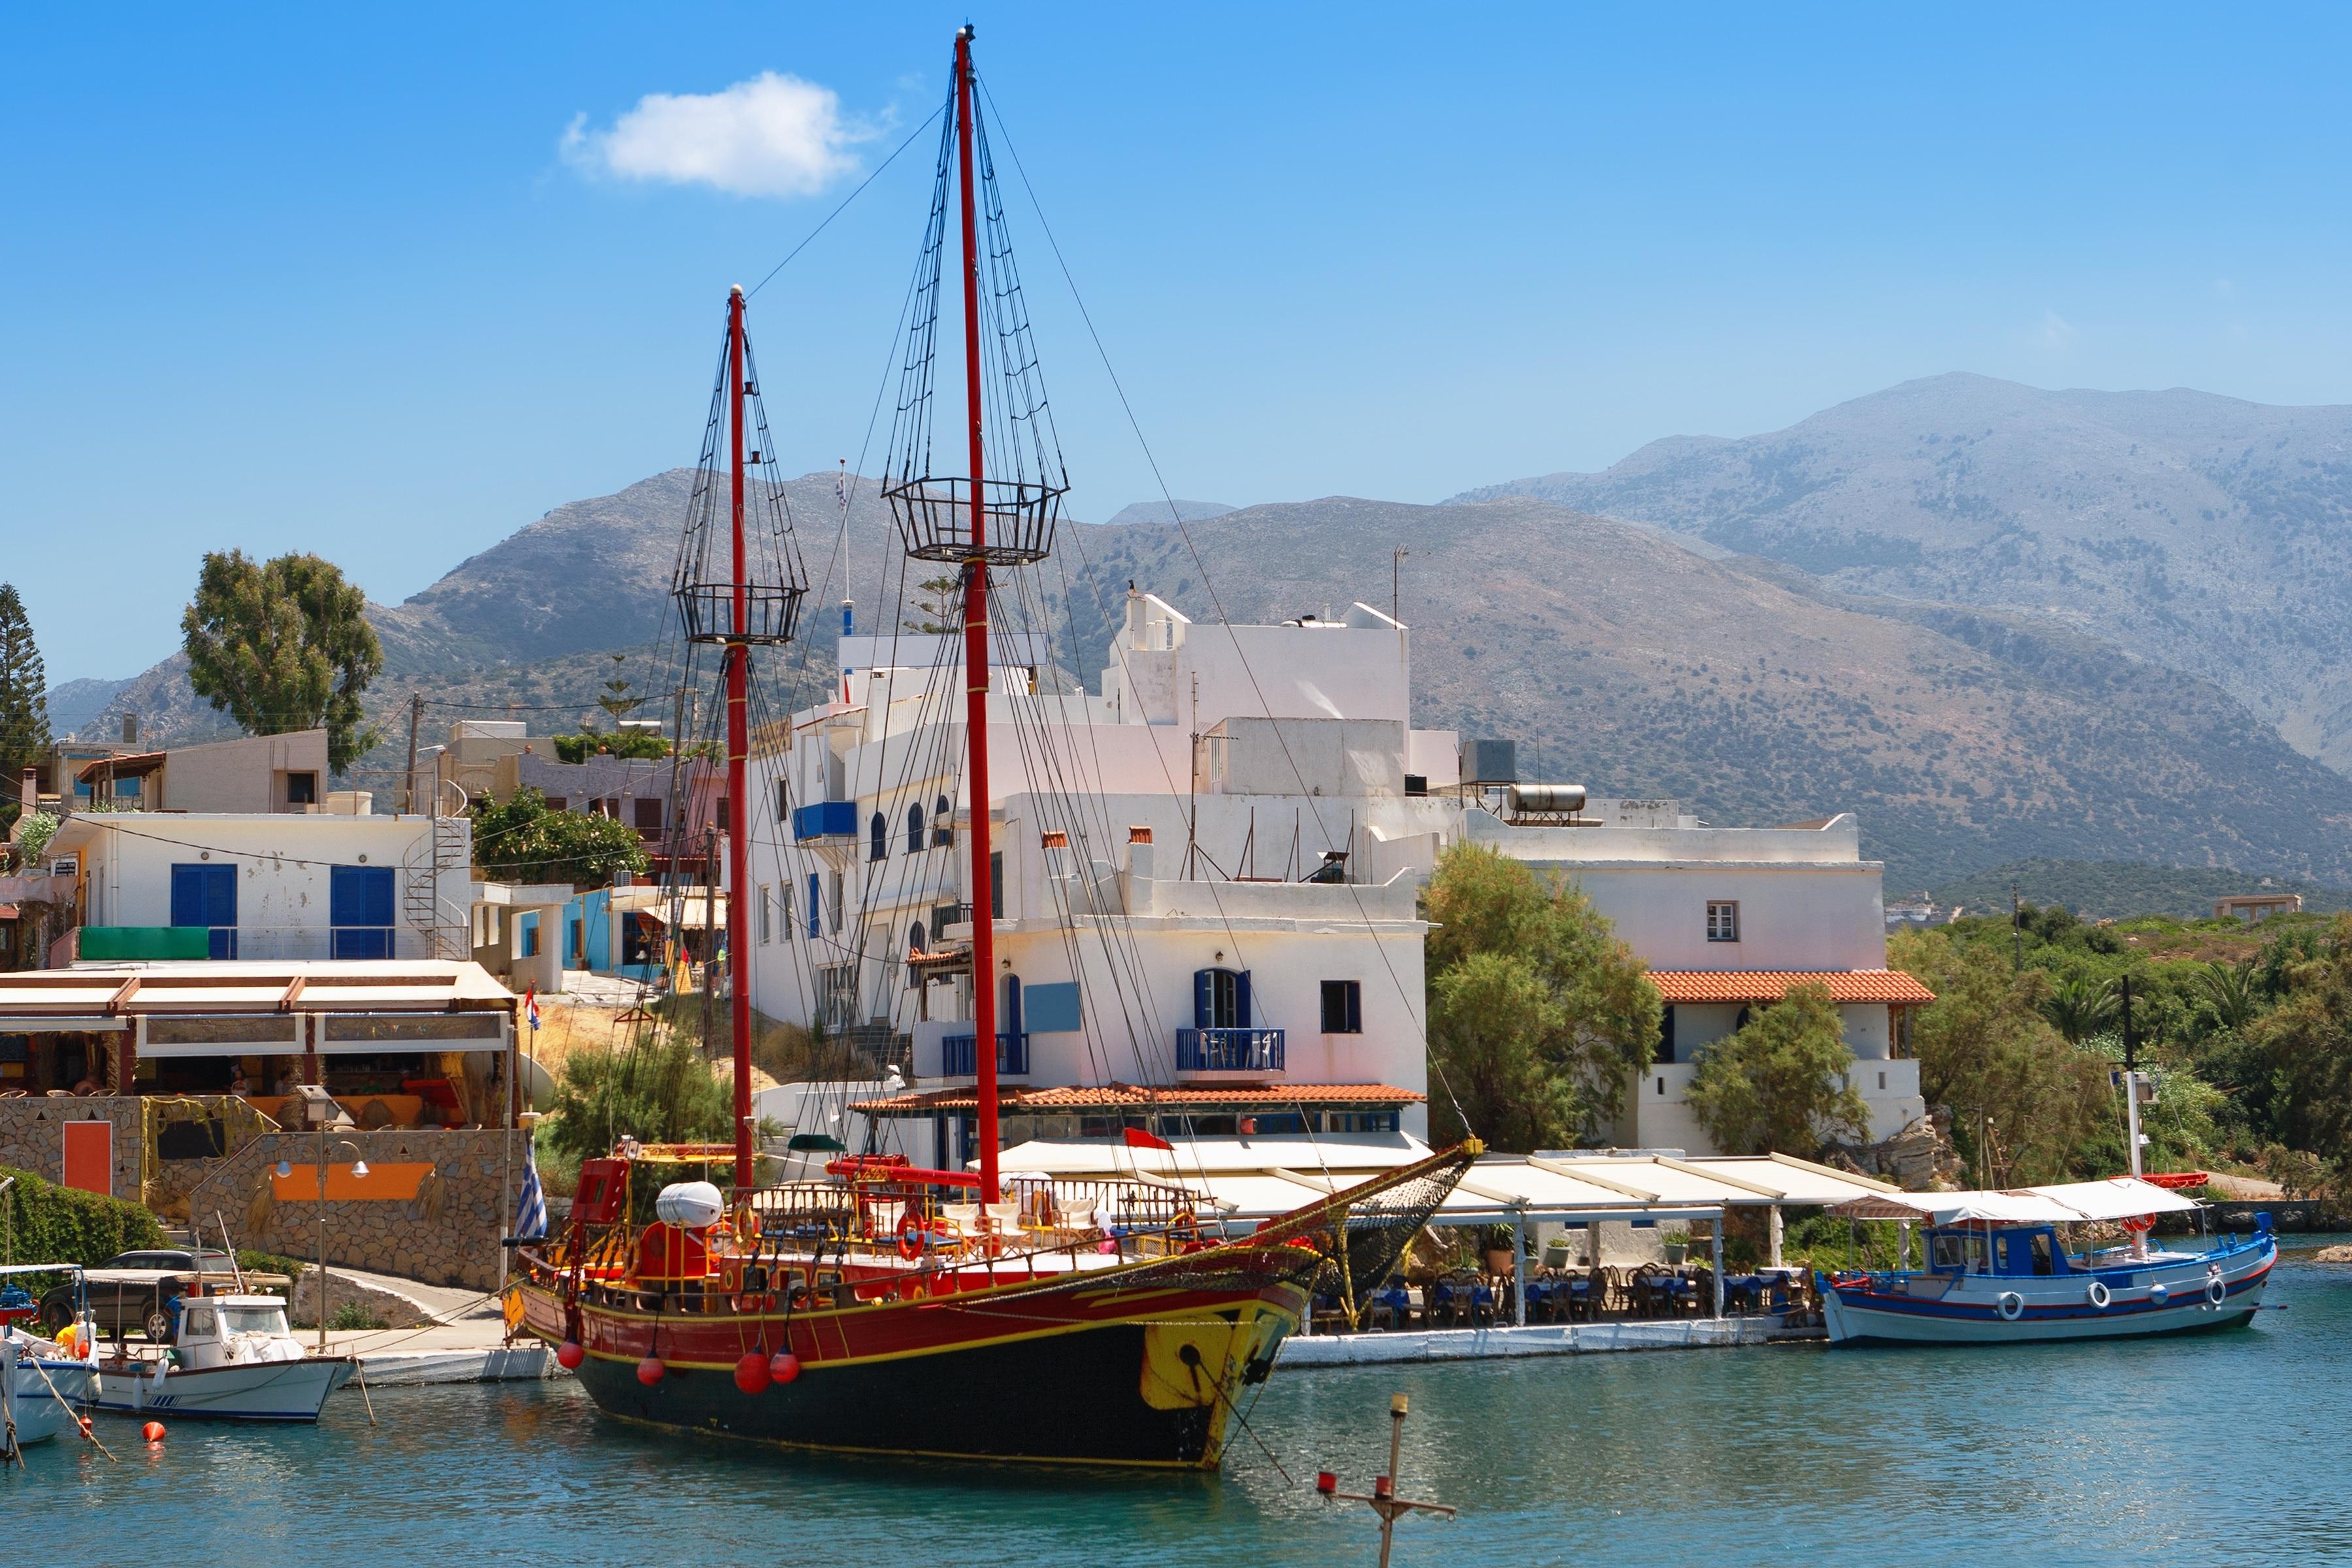 Sissi, Agios Nikolaos, Crete, Greece